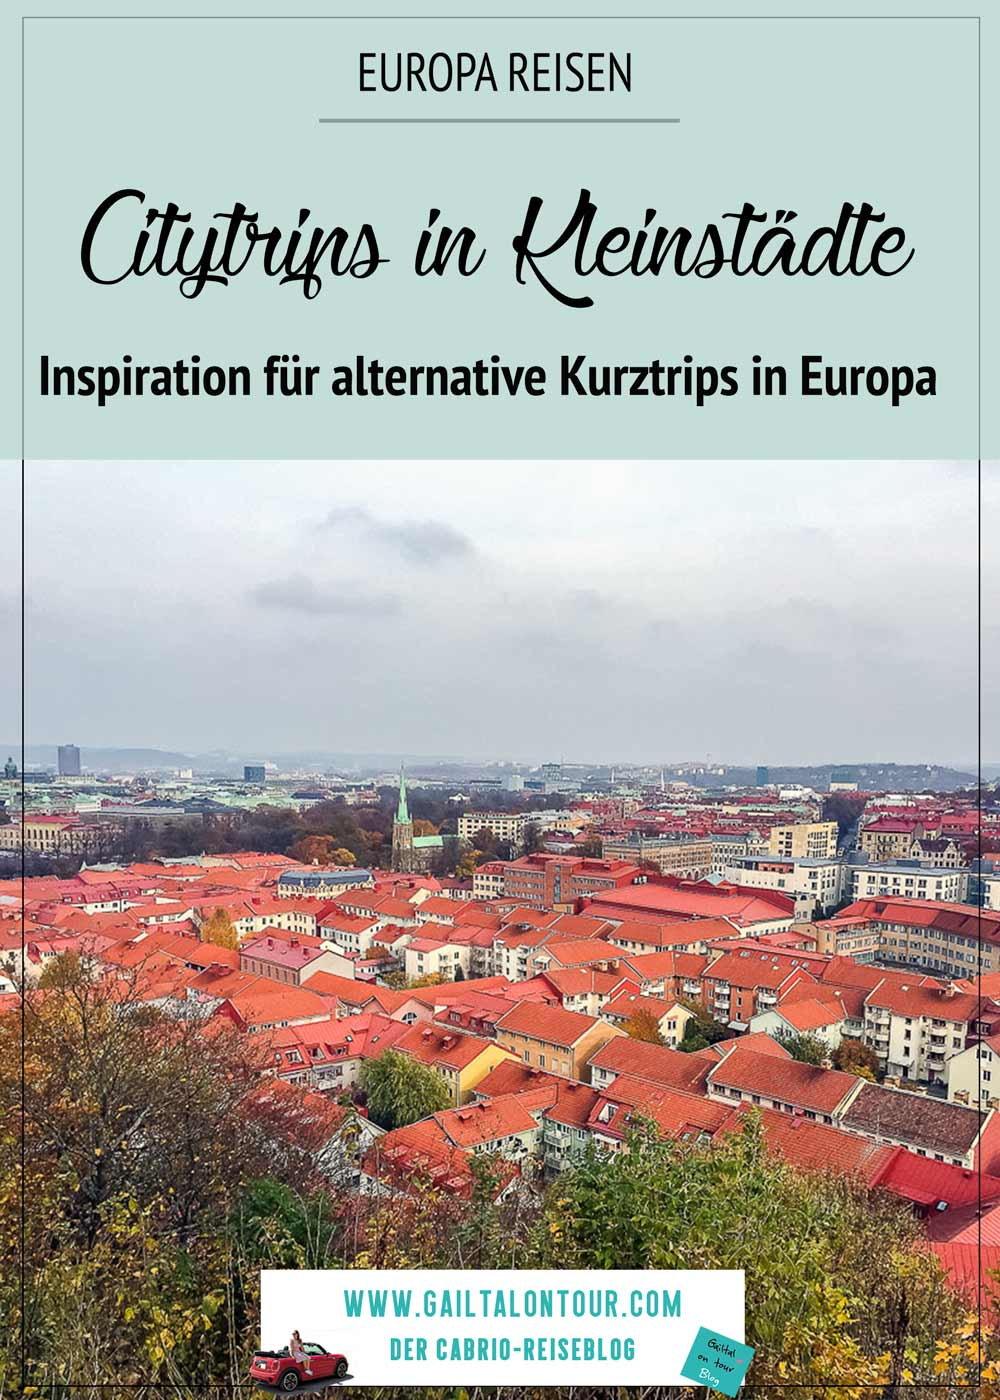 reise-in-kleine-stadt-europa-tipps